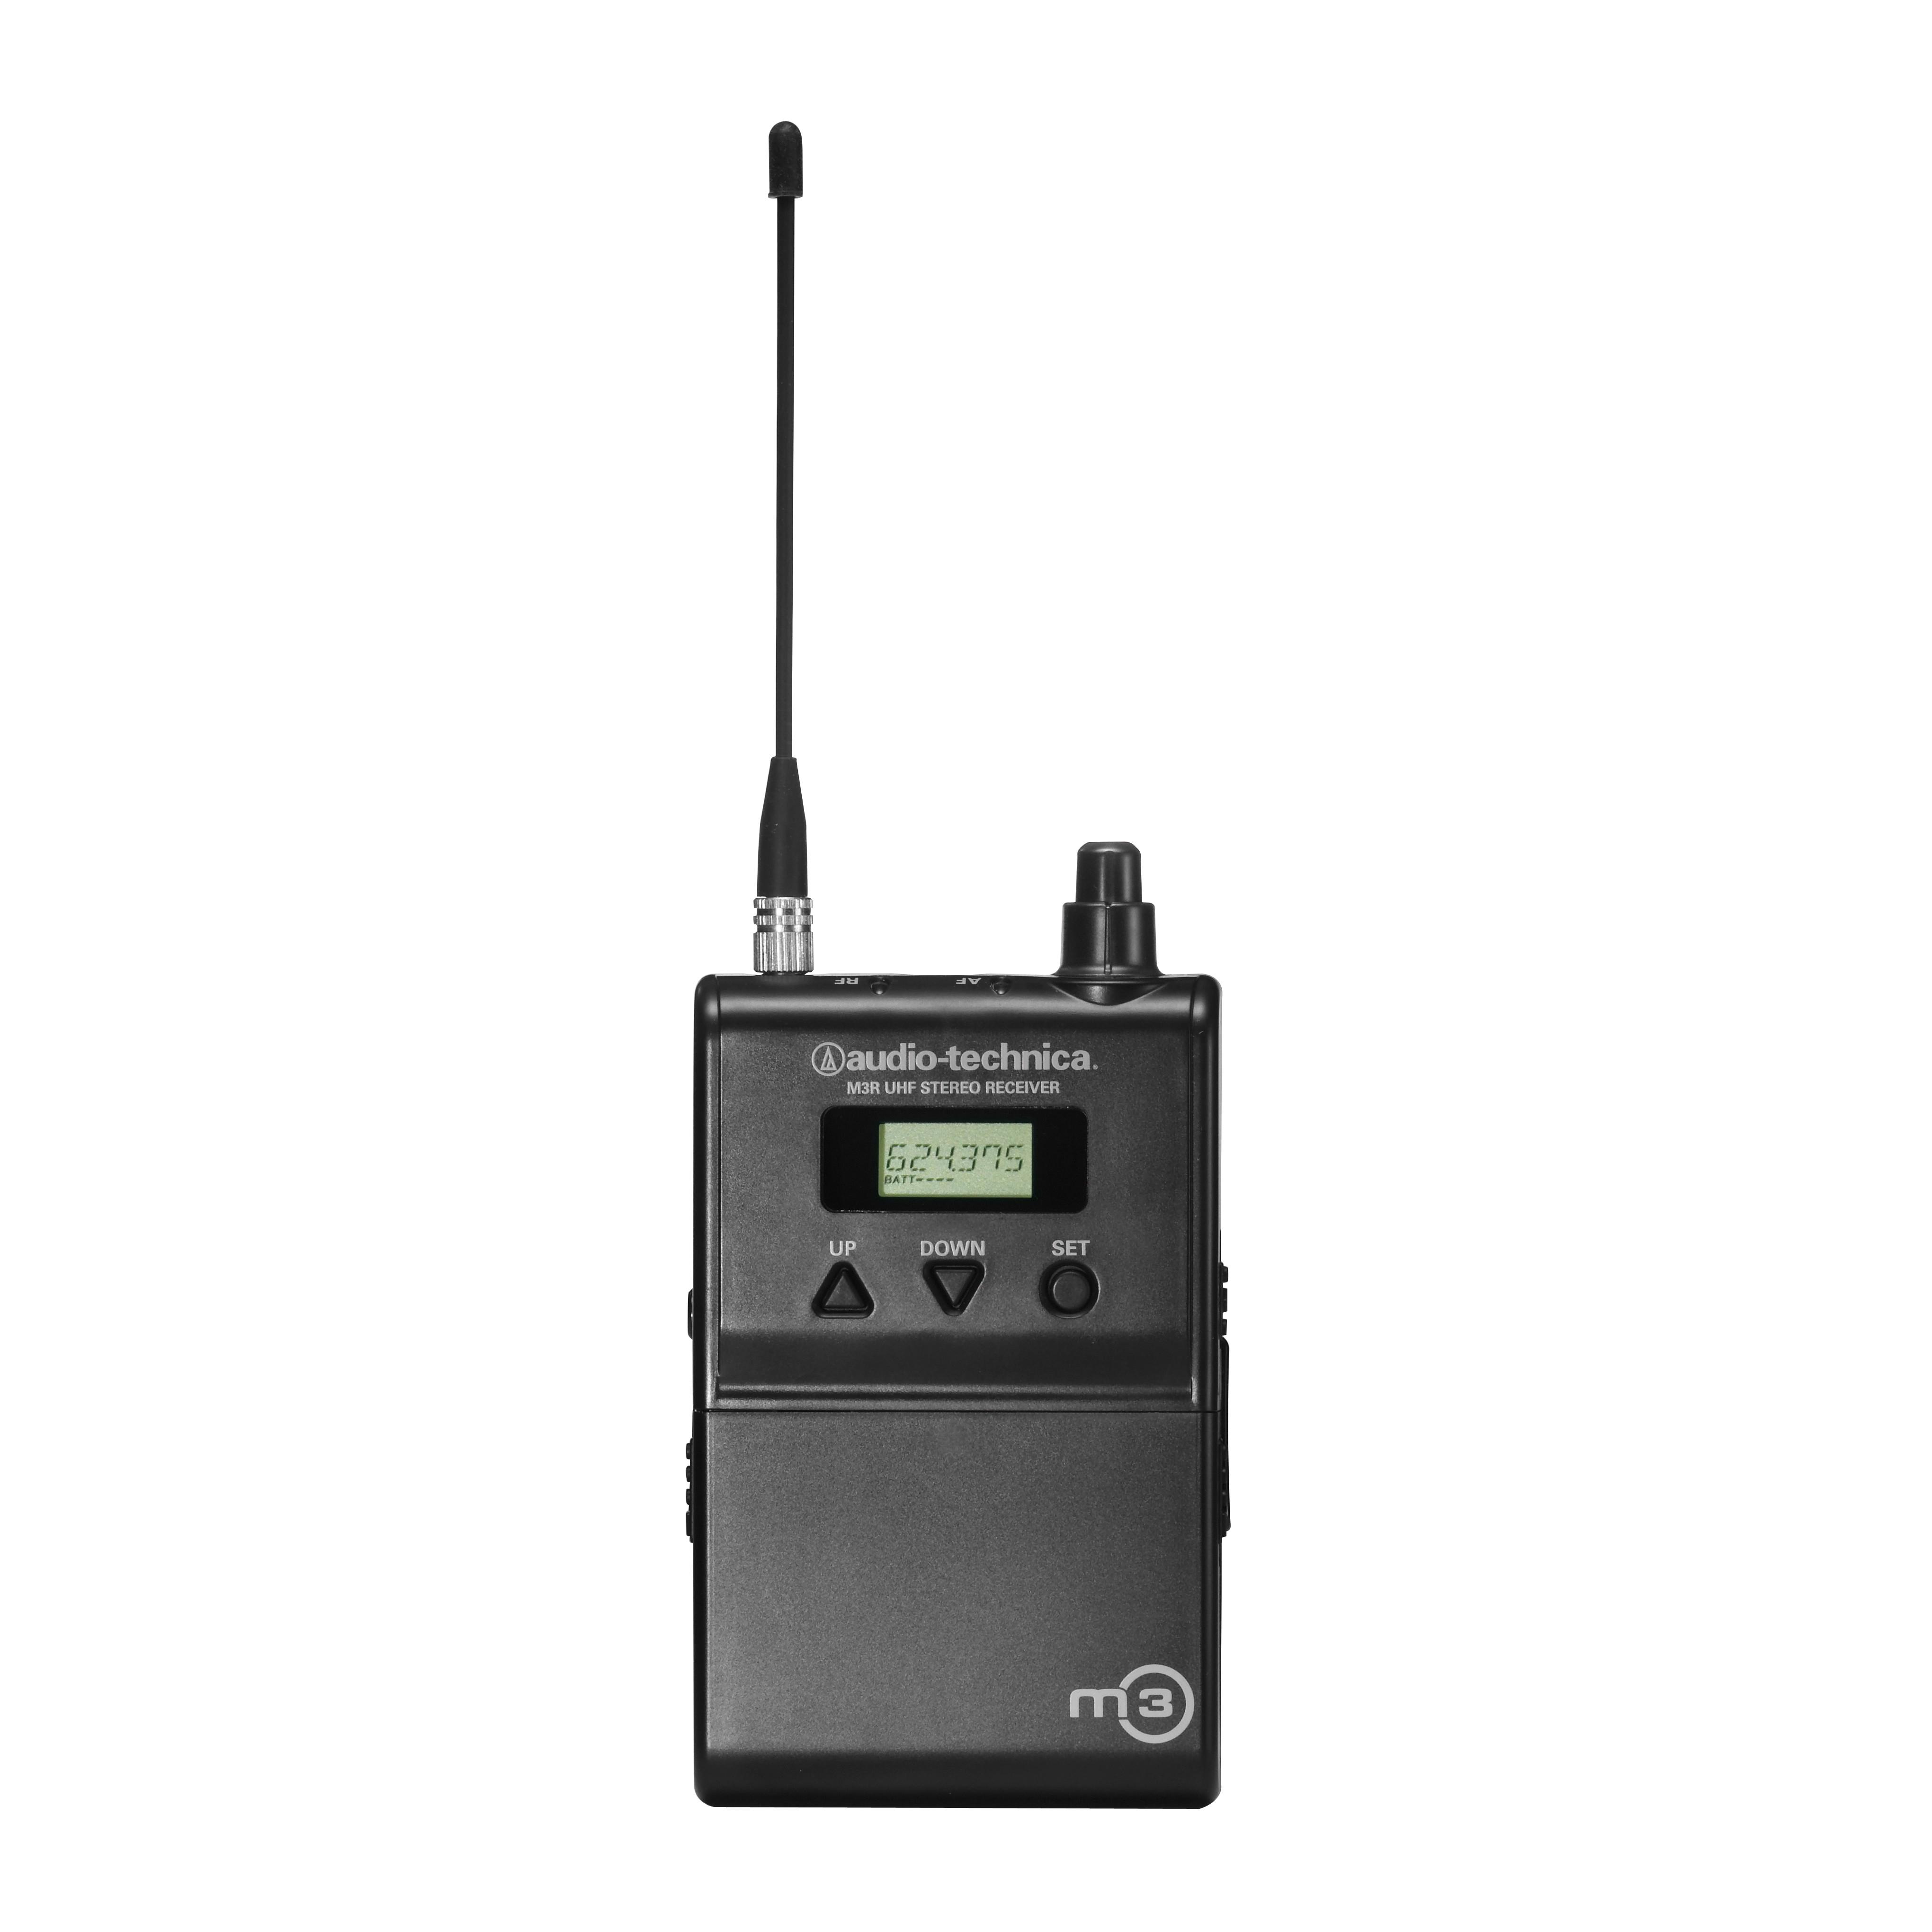 Audio Technica M3R M